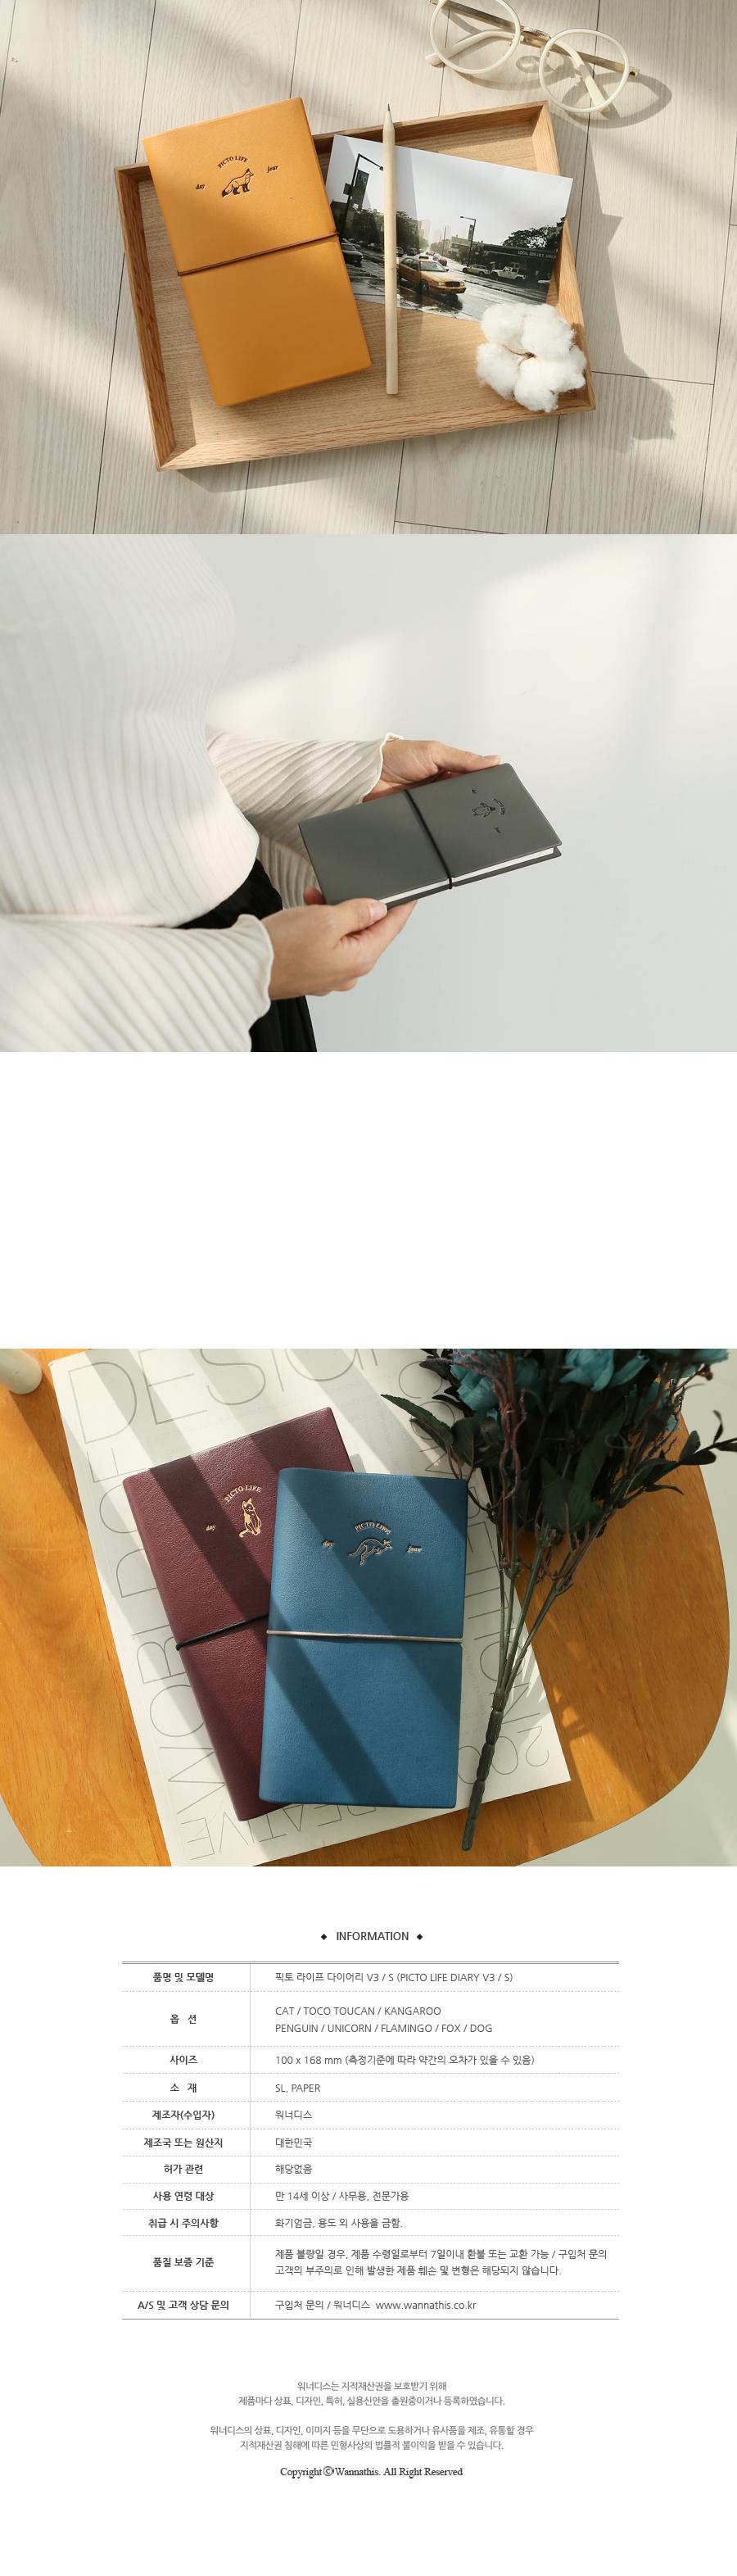 픽토 라이프 다이어리 V.3 S (만년형)11,800원-워너디스디자인문구, 다이어리/캘린더, 만년형, 심플/베이직바보사랑픽토 라이프 다이어리 V.3 S (만년형)11,800원-워너디스디자인문구, 다이어리/캘린더, 만년형, 심플/베이직바보사랑